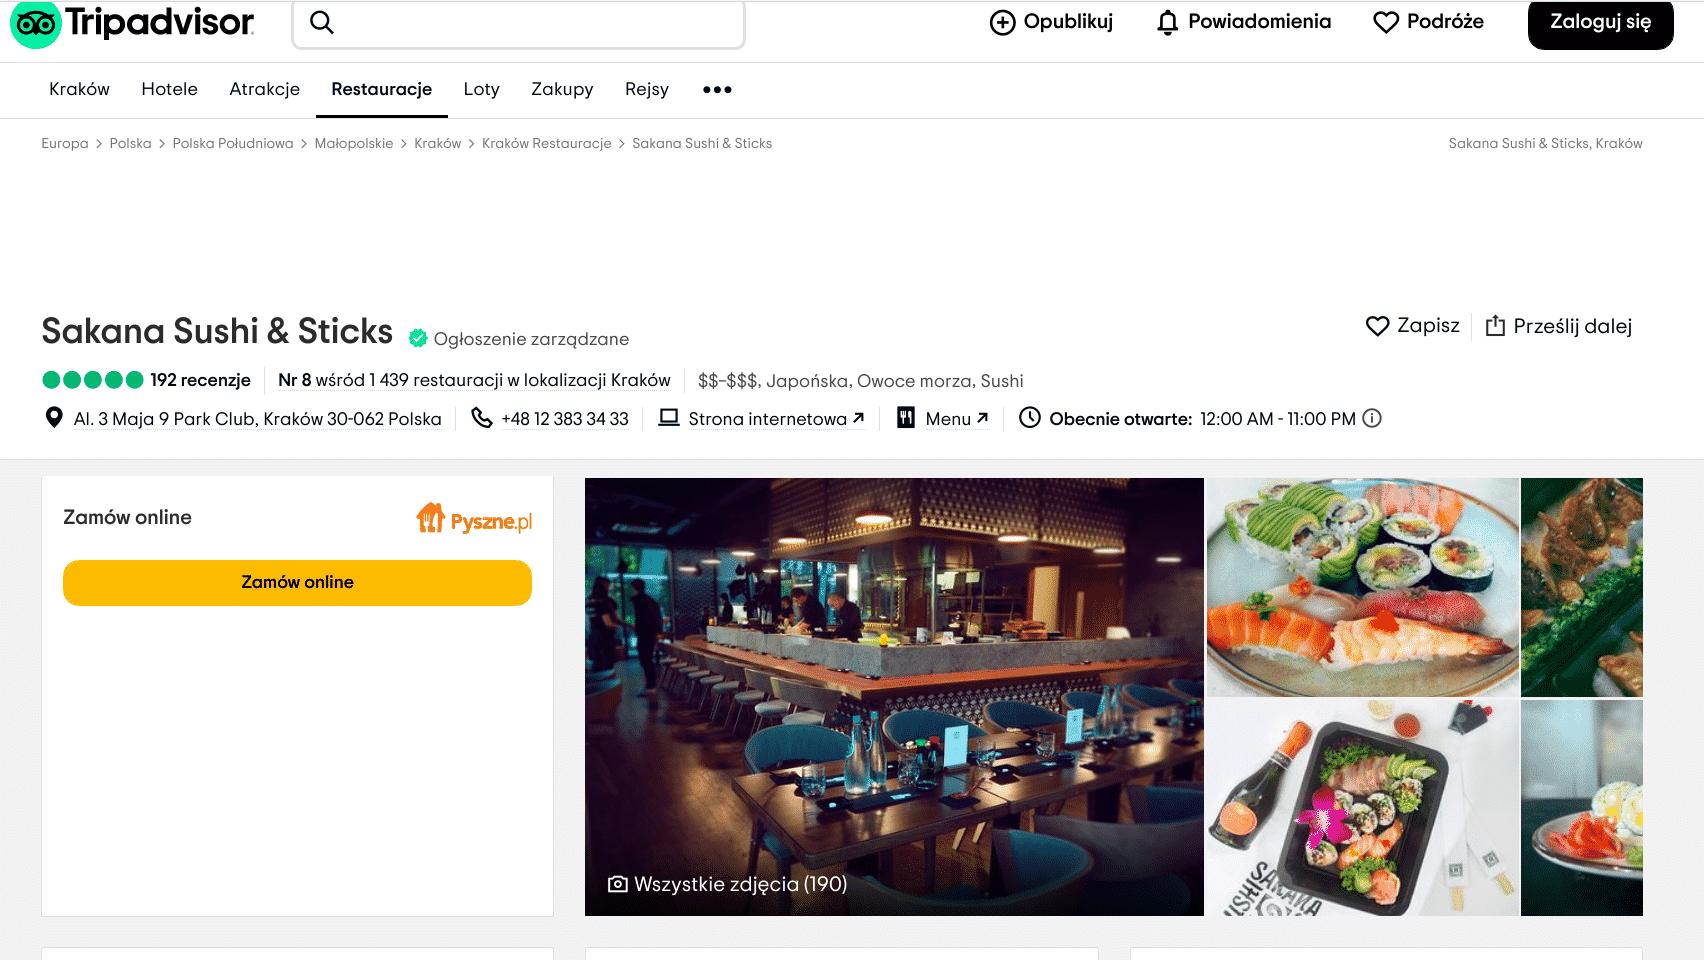 Najlepsze restauracje w Krakowie: Jedzenie serwowane przez Sakana Sushi & Sticks zostało ocenione na 5.0. Trip Advisor Kraków.